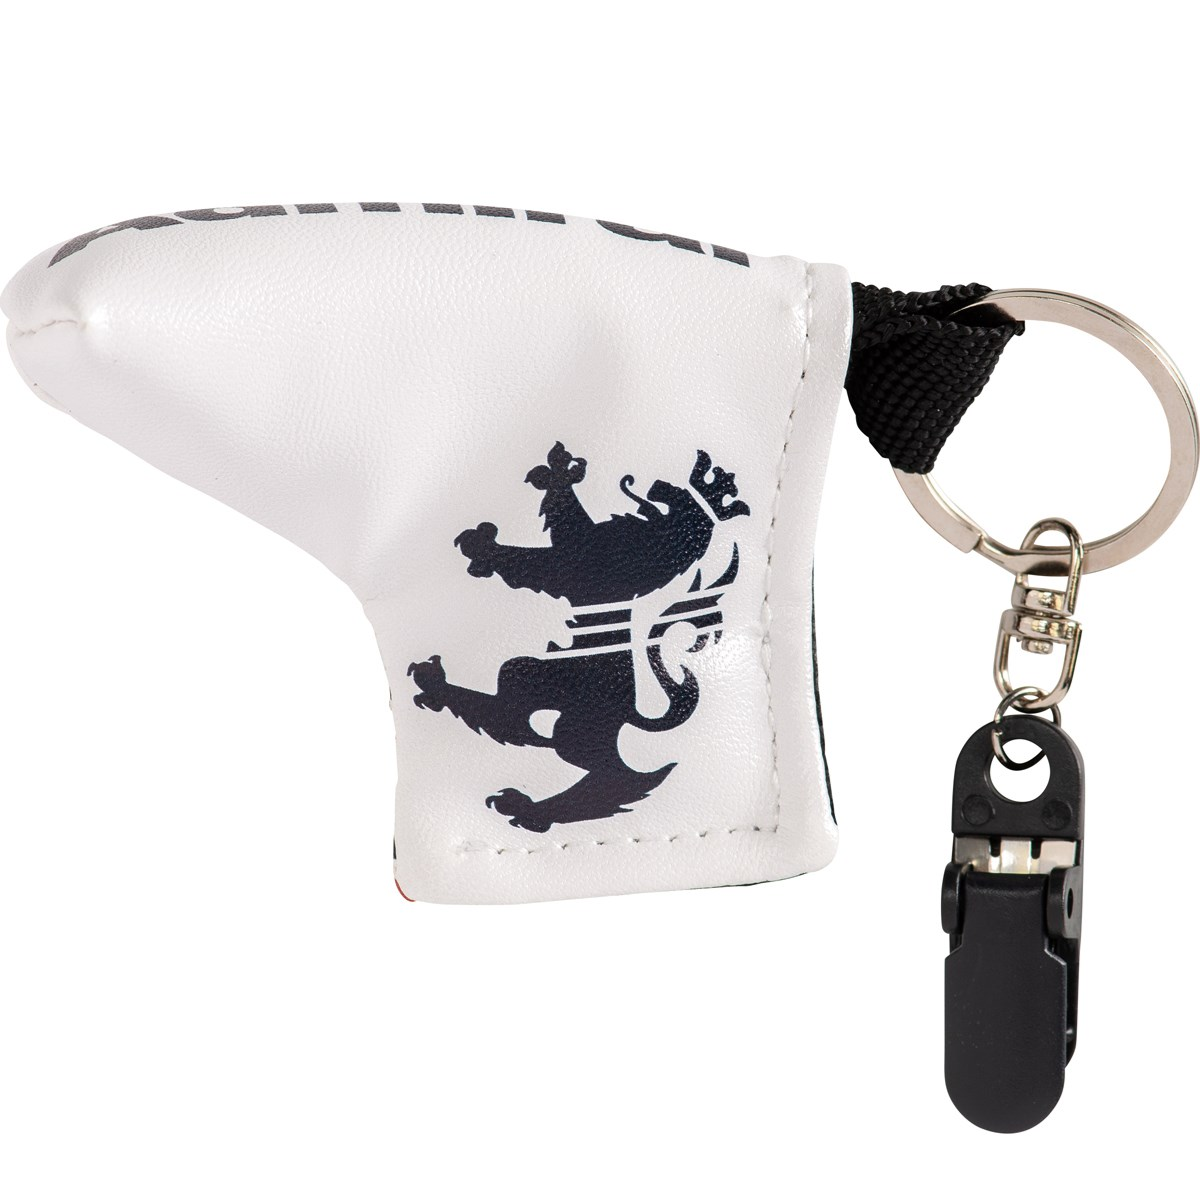 アドミラル Admiral ピンタイプパターカバー型 パターキャッチャー ホワイト 00